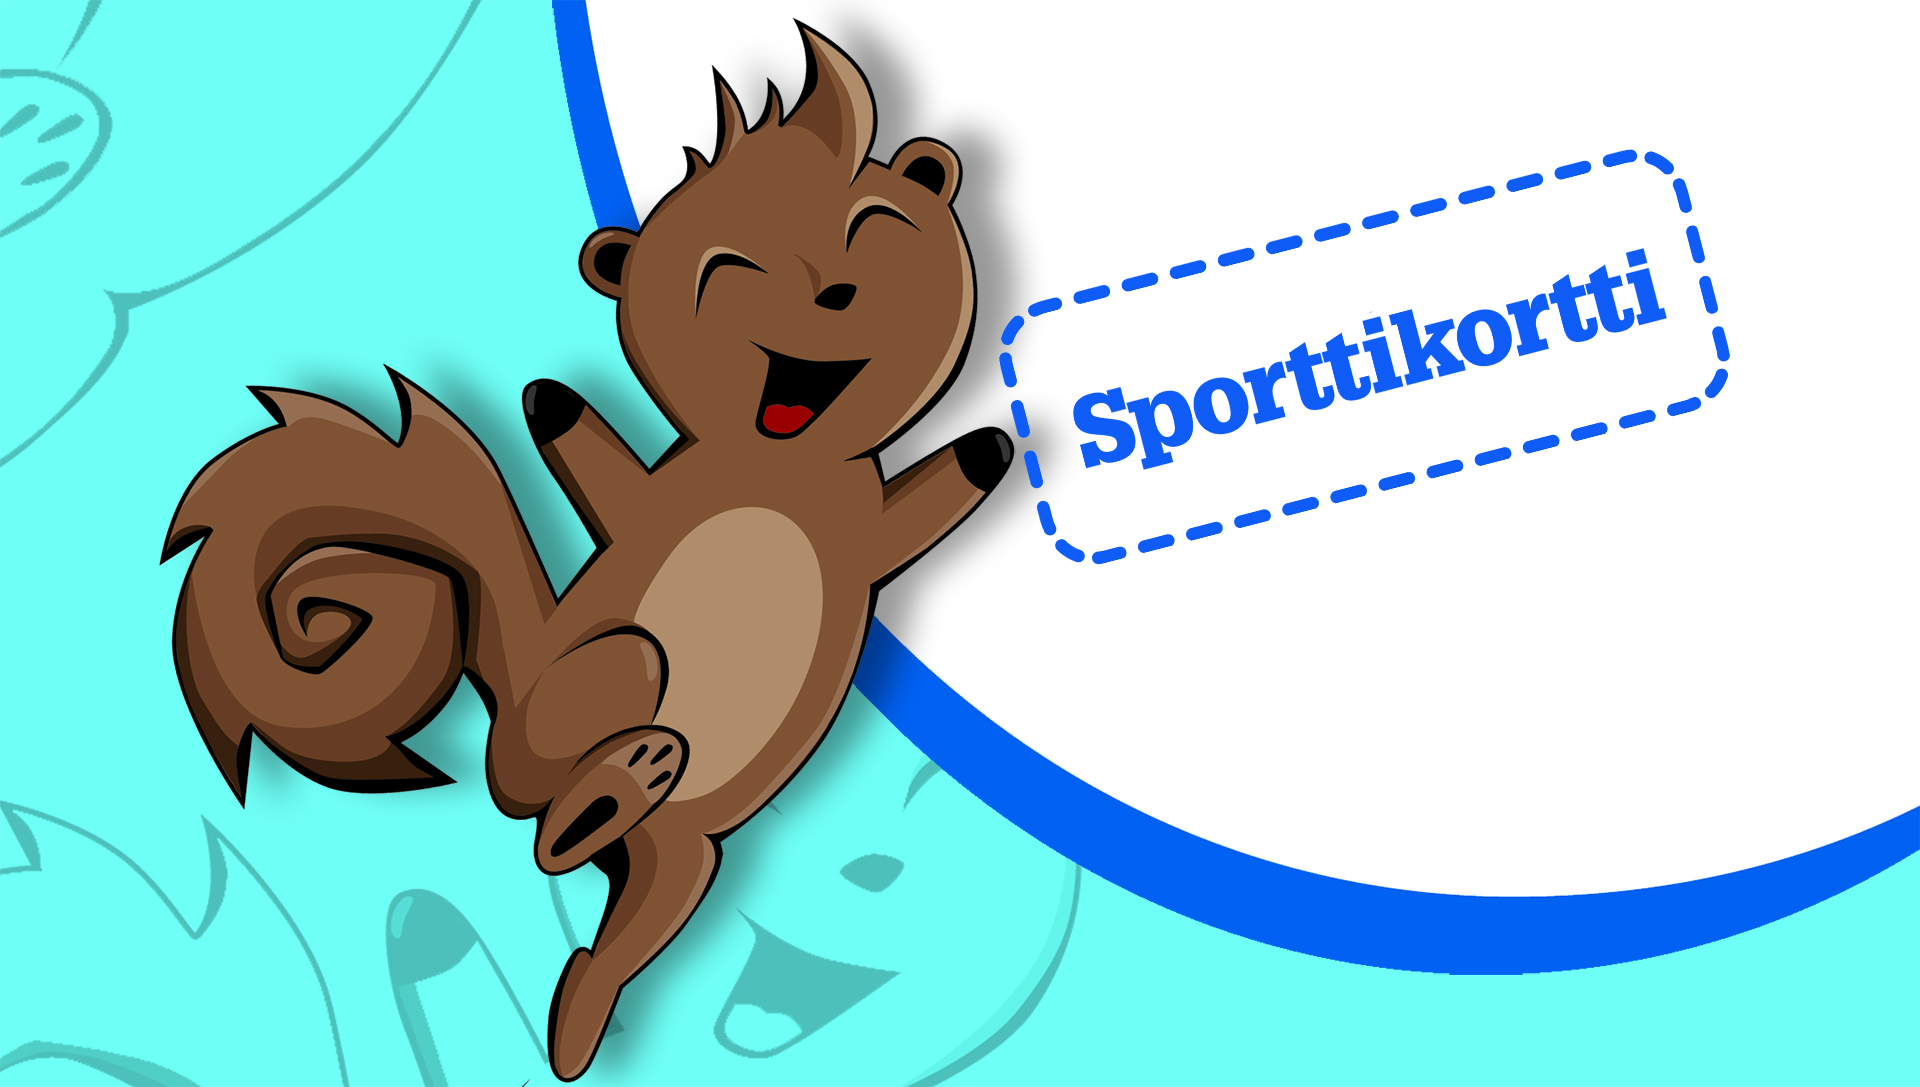 Rientola on mukana Sporttikortti-kampanjassa